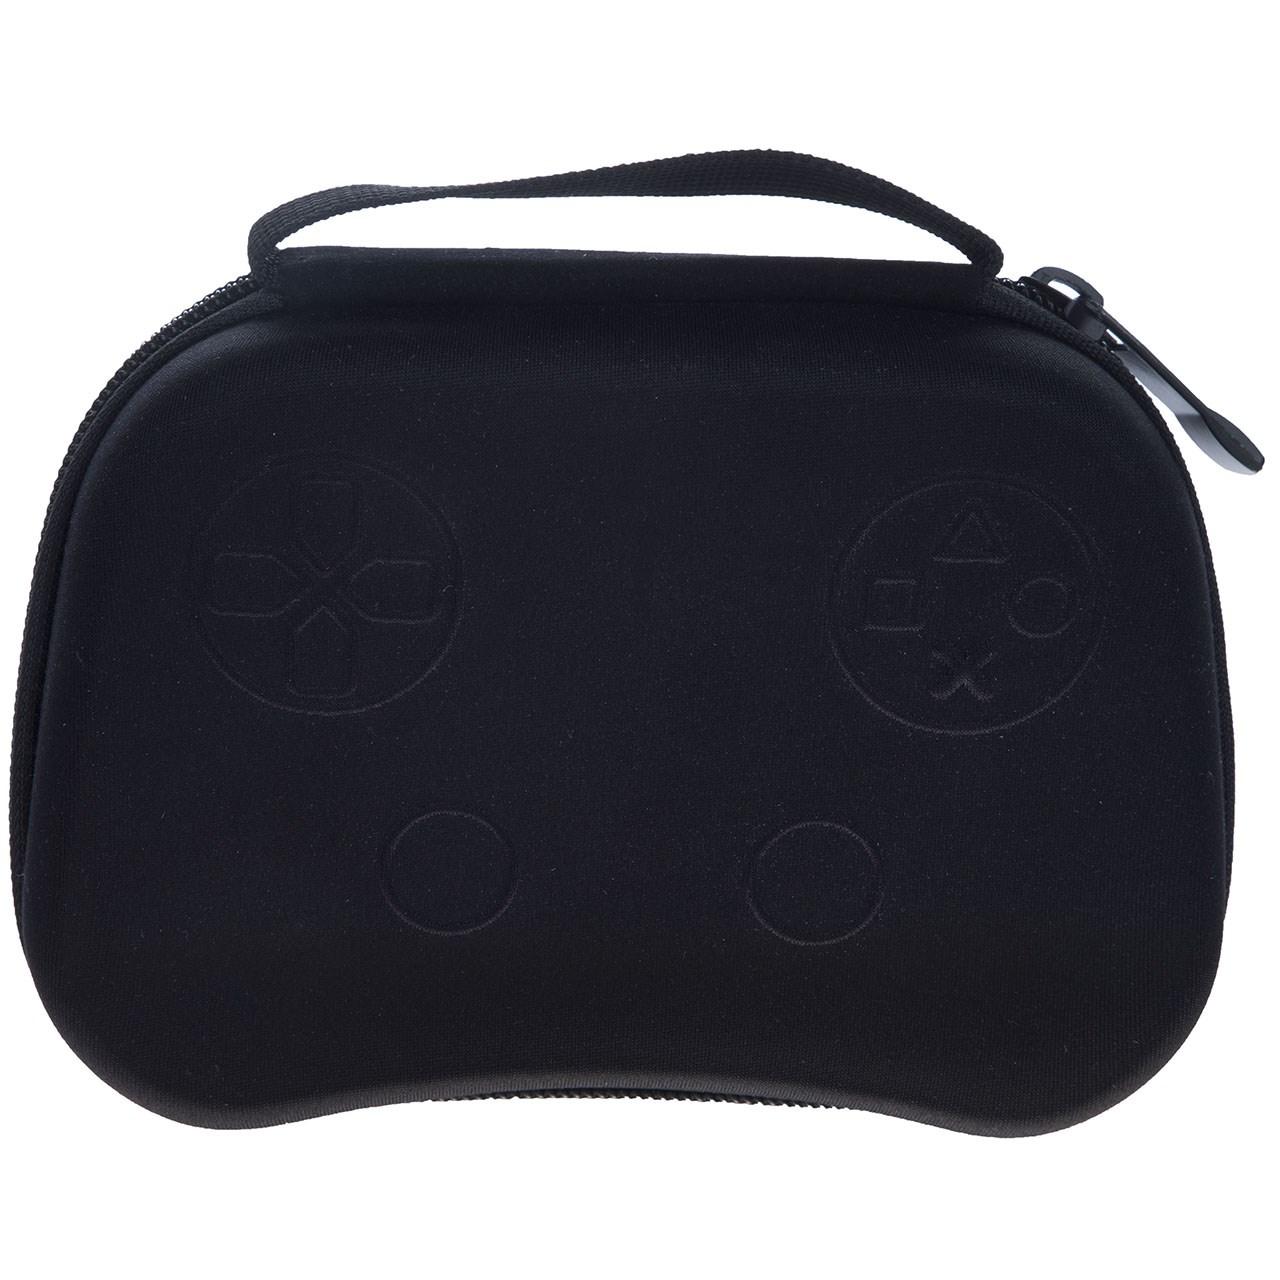 کیف دسته بازی 001 مناسب برای تمام دسته ها